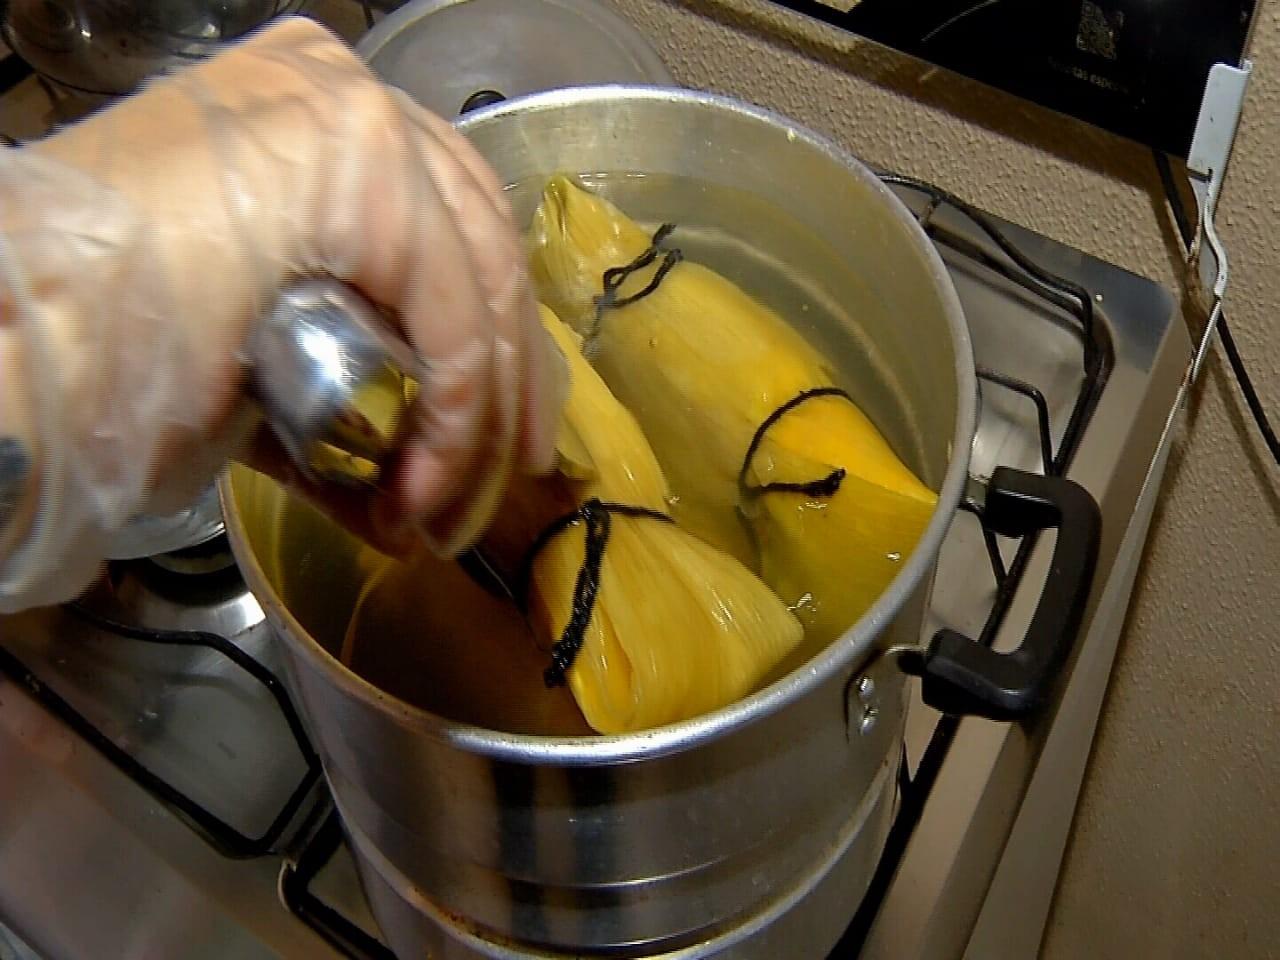 Aprenda a receita de pamonha enrolada na palha do milho